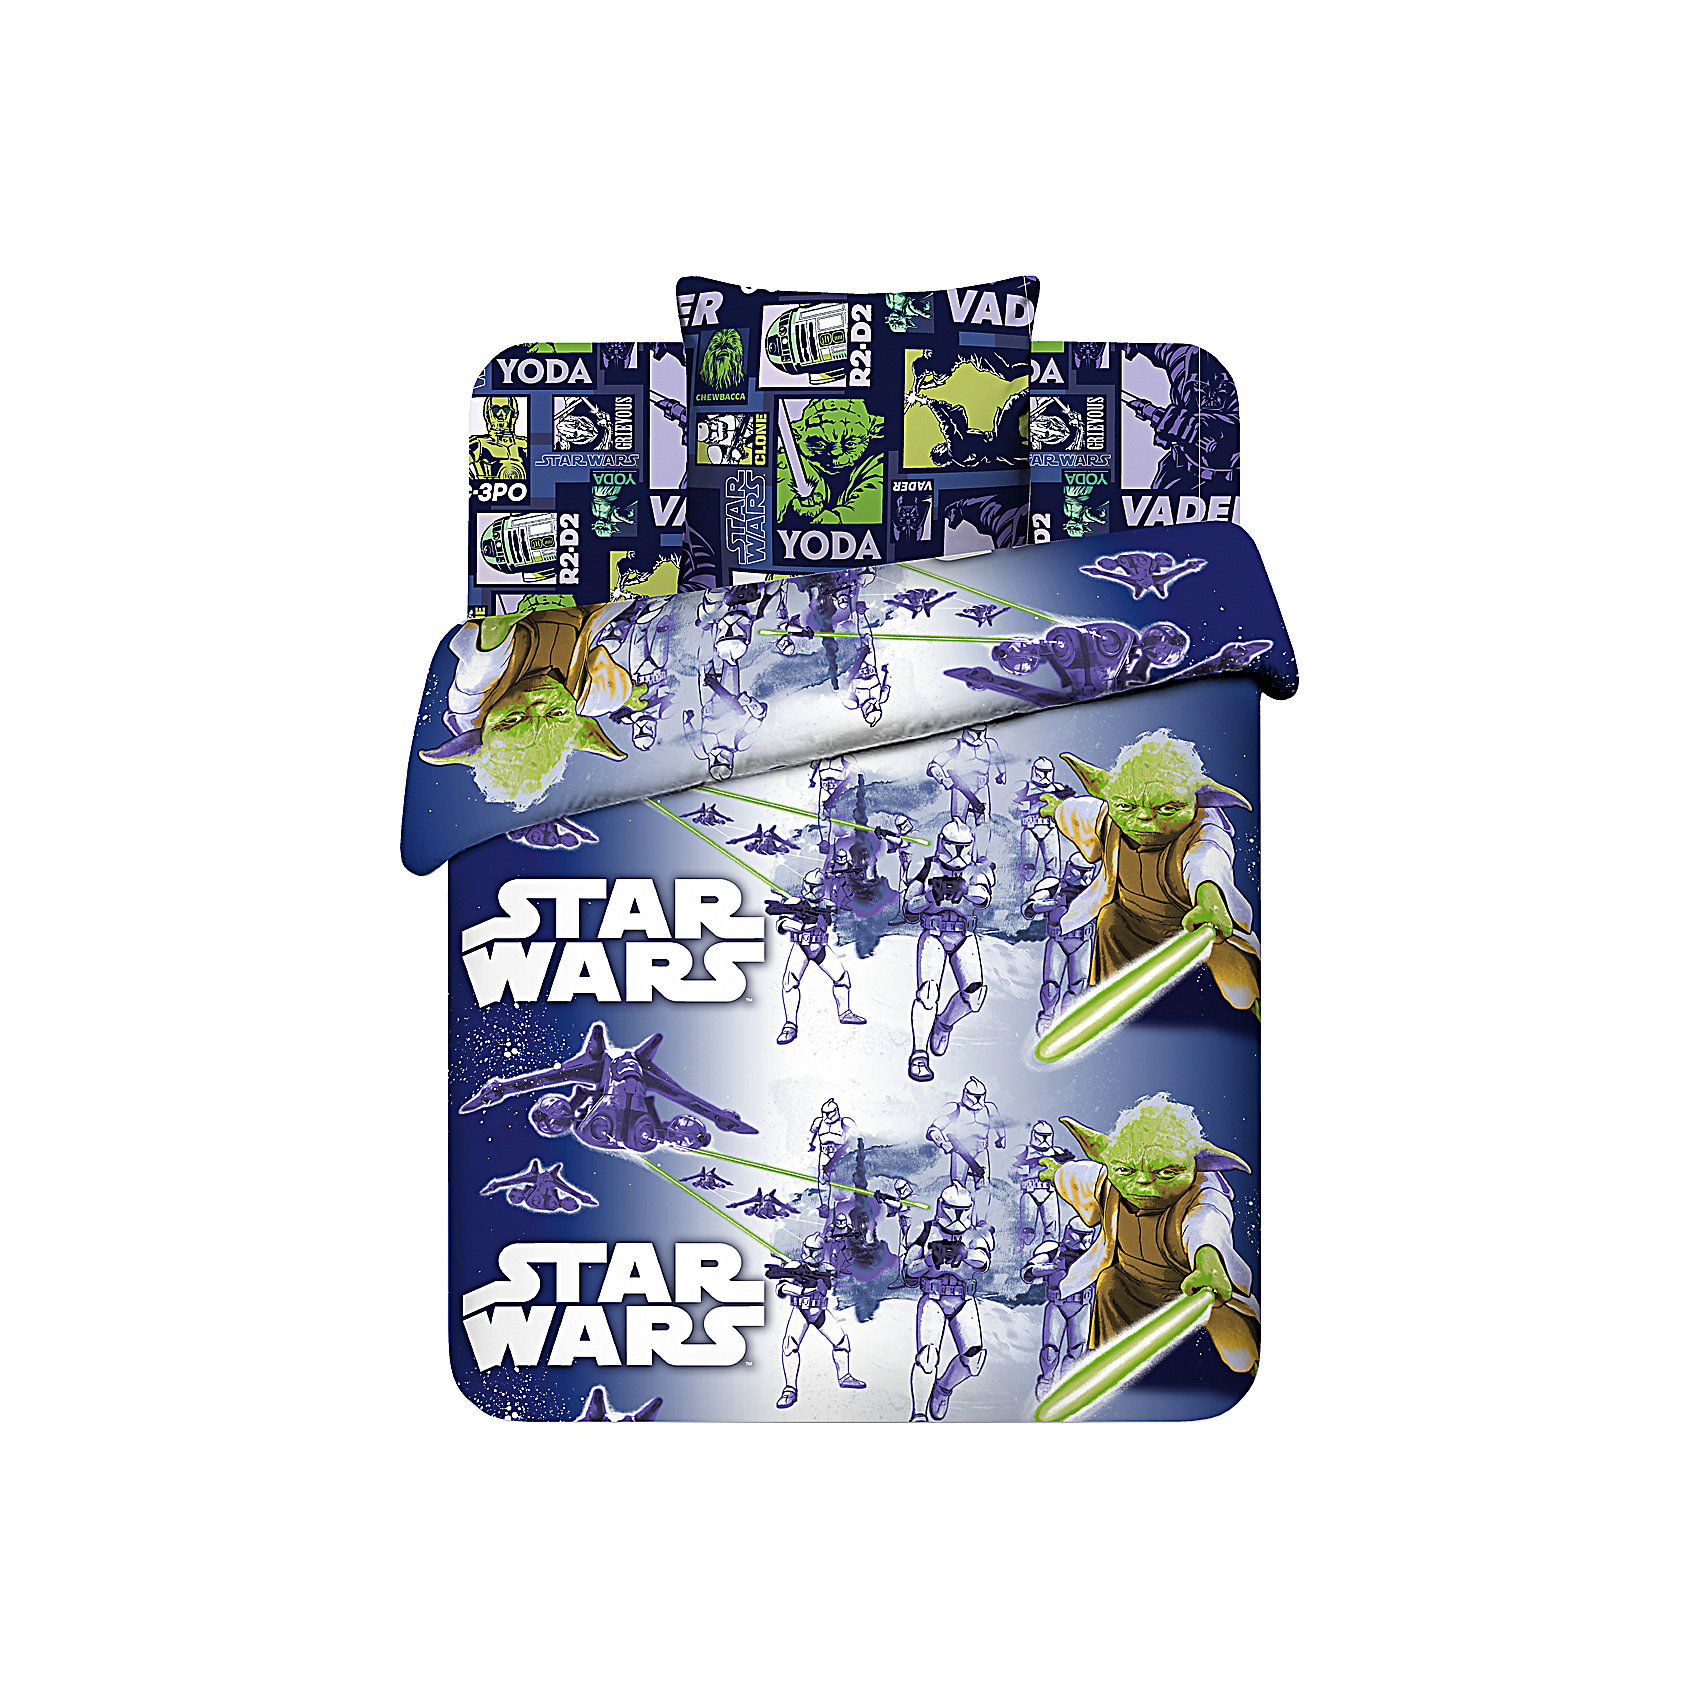 Комплект Магистр Йода 1,5-спальный (наволочка 70*70 см), Звездные ВойныЗвездные войны<br>Этот комплект постельного белья приведет в восторг всех поклонников Star Wars. Яркий комплект с изображением легендарного Йоды вызовет у ребенка бурю положительных эмоций. В производстве изделия используются качественные  красители, что позволяет  сохранять яркость цвета на протяжении всего времени эксплуатации. Ткани не вызывают аллергических реакций, обладают высокой воздухопроницаемостью, гипоаллергенны.<br><br>Дополнительная информация:<br><br>- Комплектация: наволочка (1 шт.), простыня на резинке (1 шт.), пододеяльник.(1 шт).<br>- Материал: 100% хлопок.<br>- Размер: наволочка -  70х70 см, простыня - 150х215 см, пододеяльник - 148х215 см.<br>- Цвет: синий.<br>- Декоративные элементы: принт.<br><br>Комплект Магистр Йода 1,5-спальный (наволочка 70*70 см), Звездные Войны, можно купить в нашем магазине.<br><br>Ширина мм: 300<br>Глубина мм: 50<br>Высота мм: 300<br>Вес г: 1600<br>Возраст от месяцев: 36<br>Возраст до месяцев: 192<br>Пол: Унисекс<br>Возраст: Детский<br>SKU: 4411788